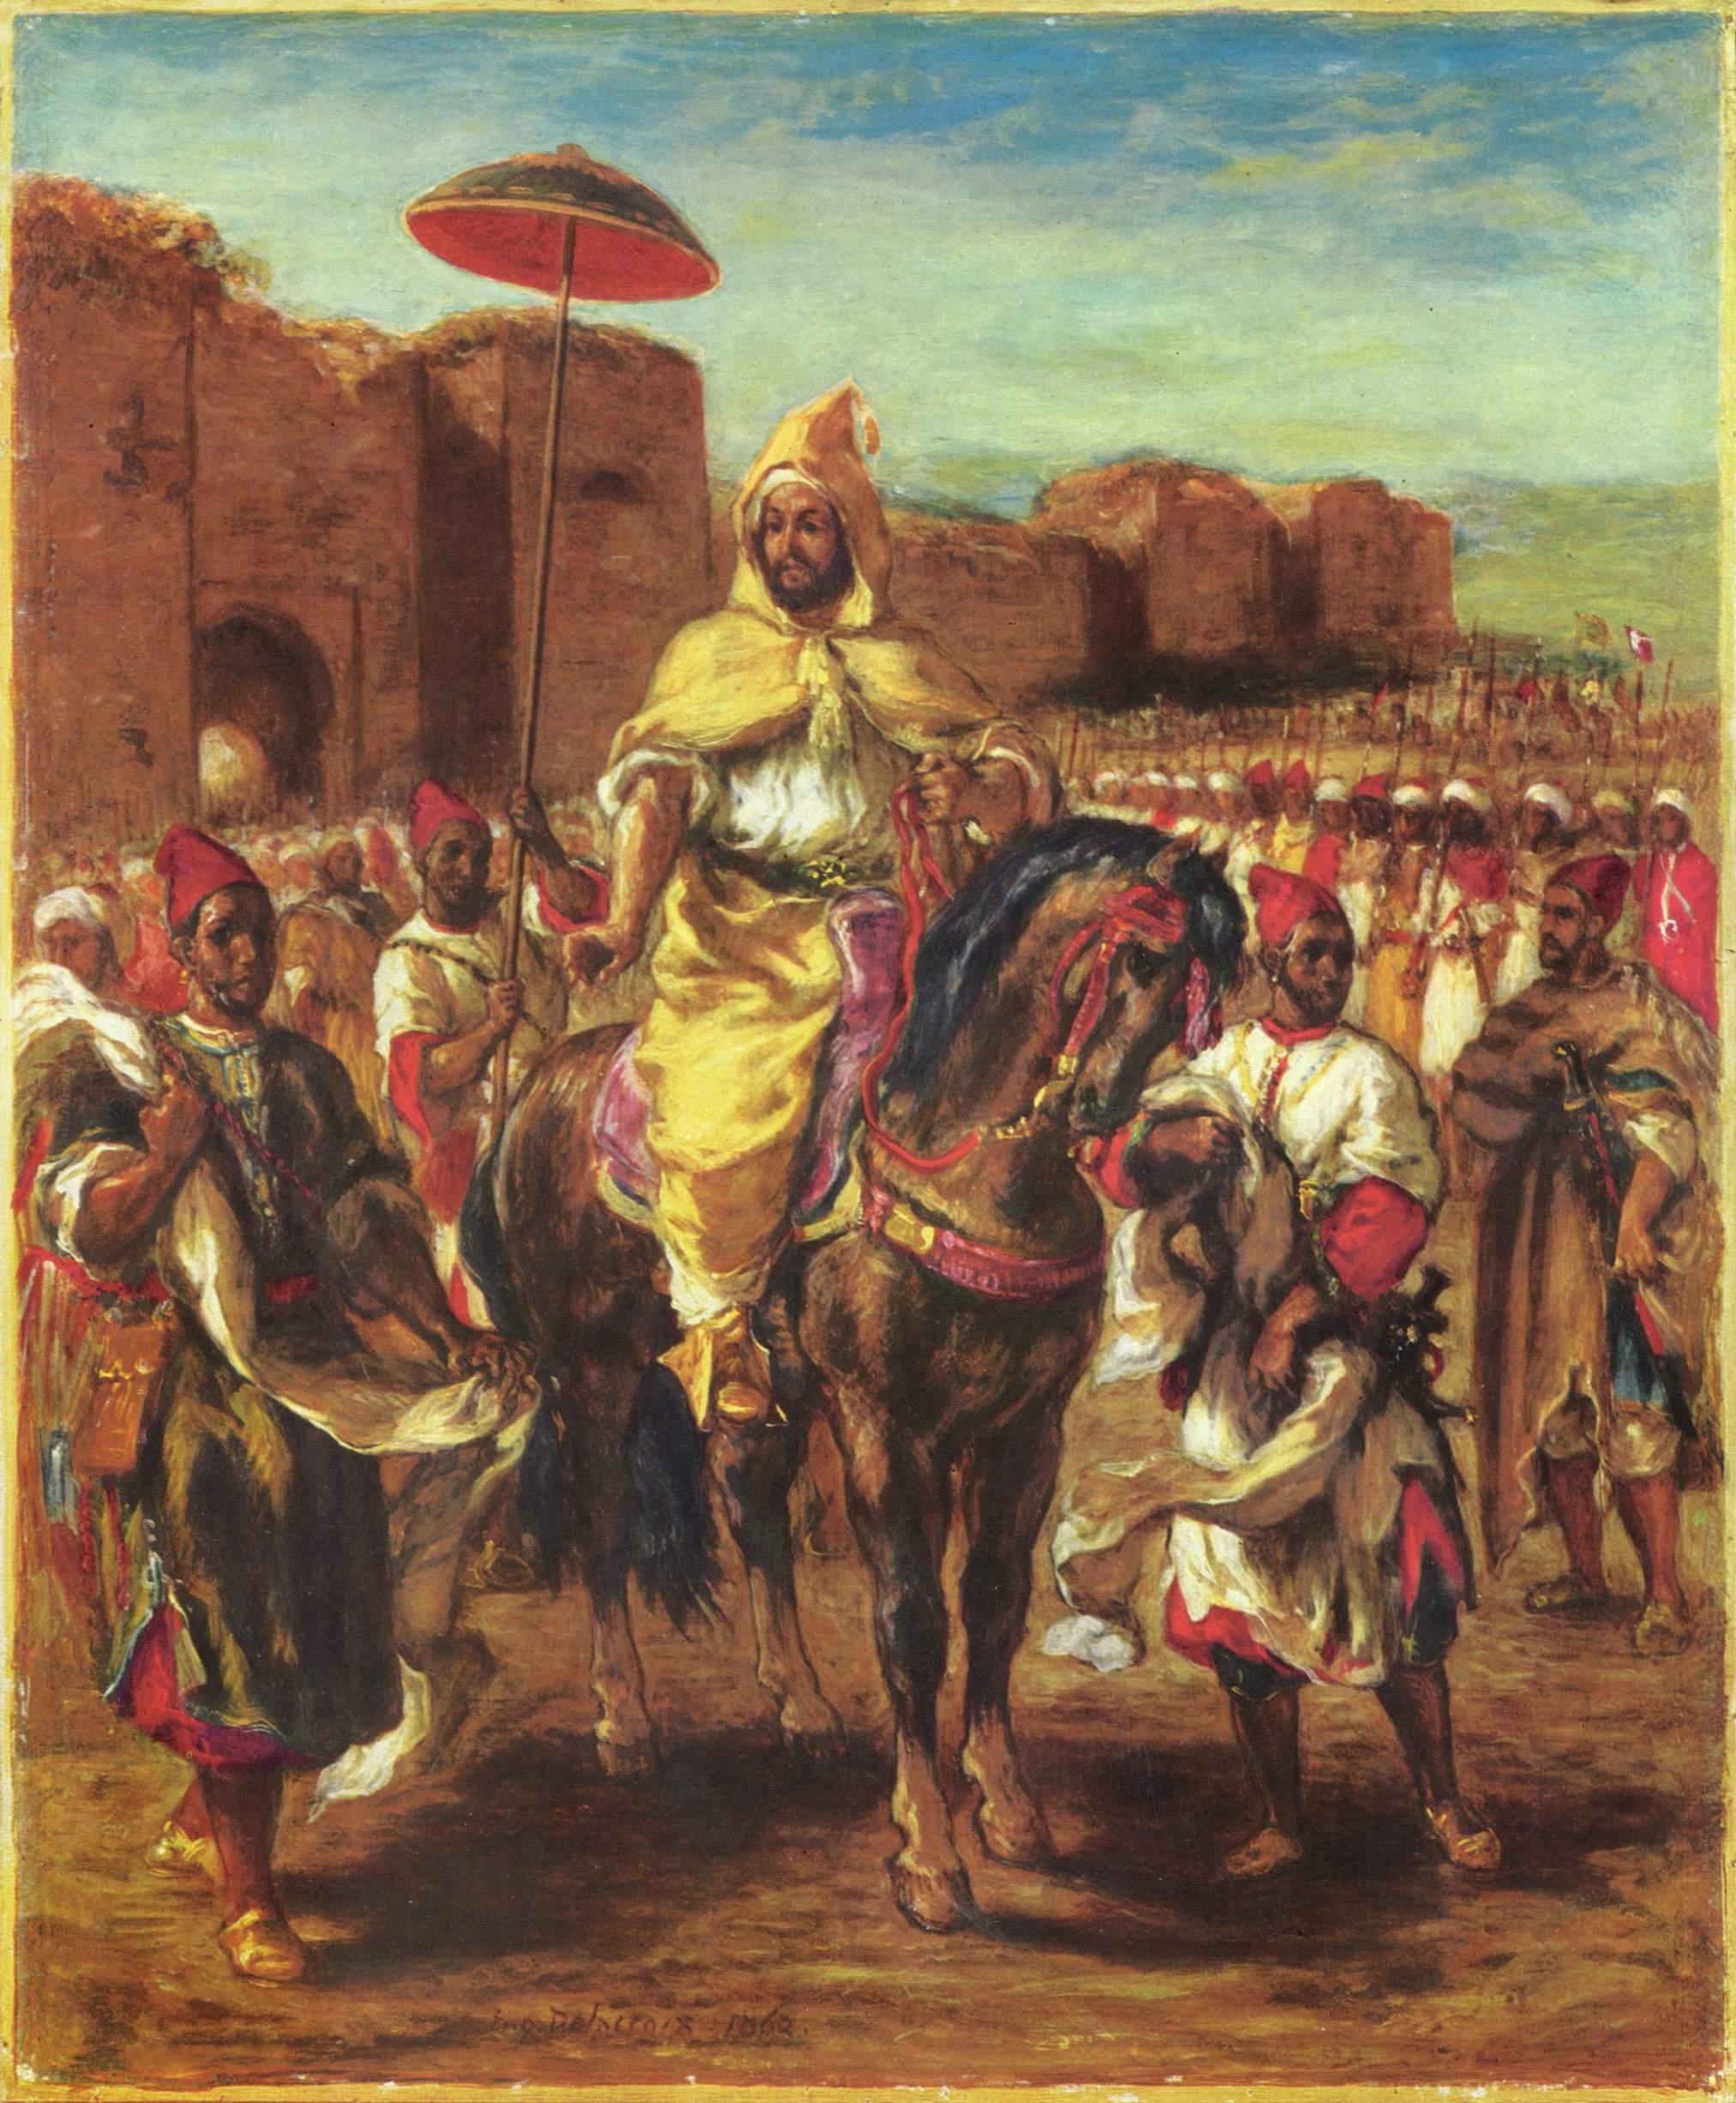 eugene delacroix most famous painting